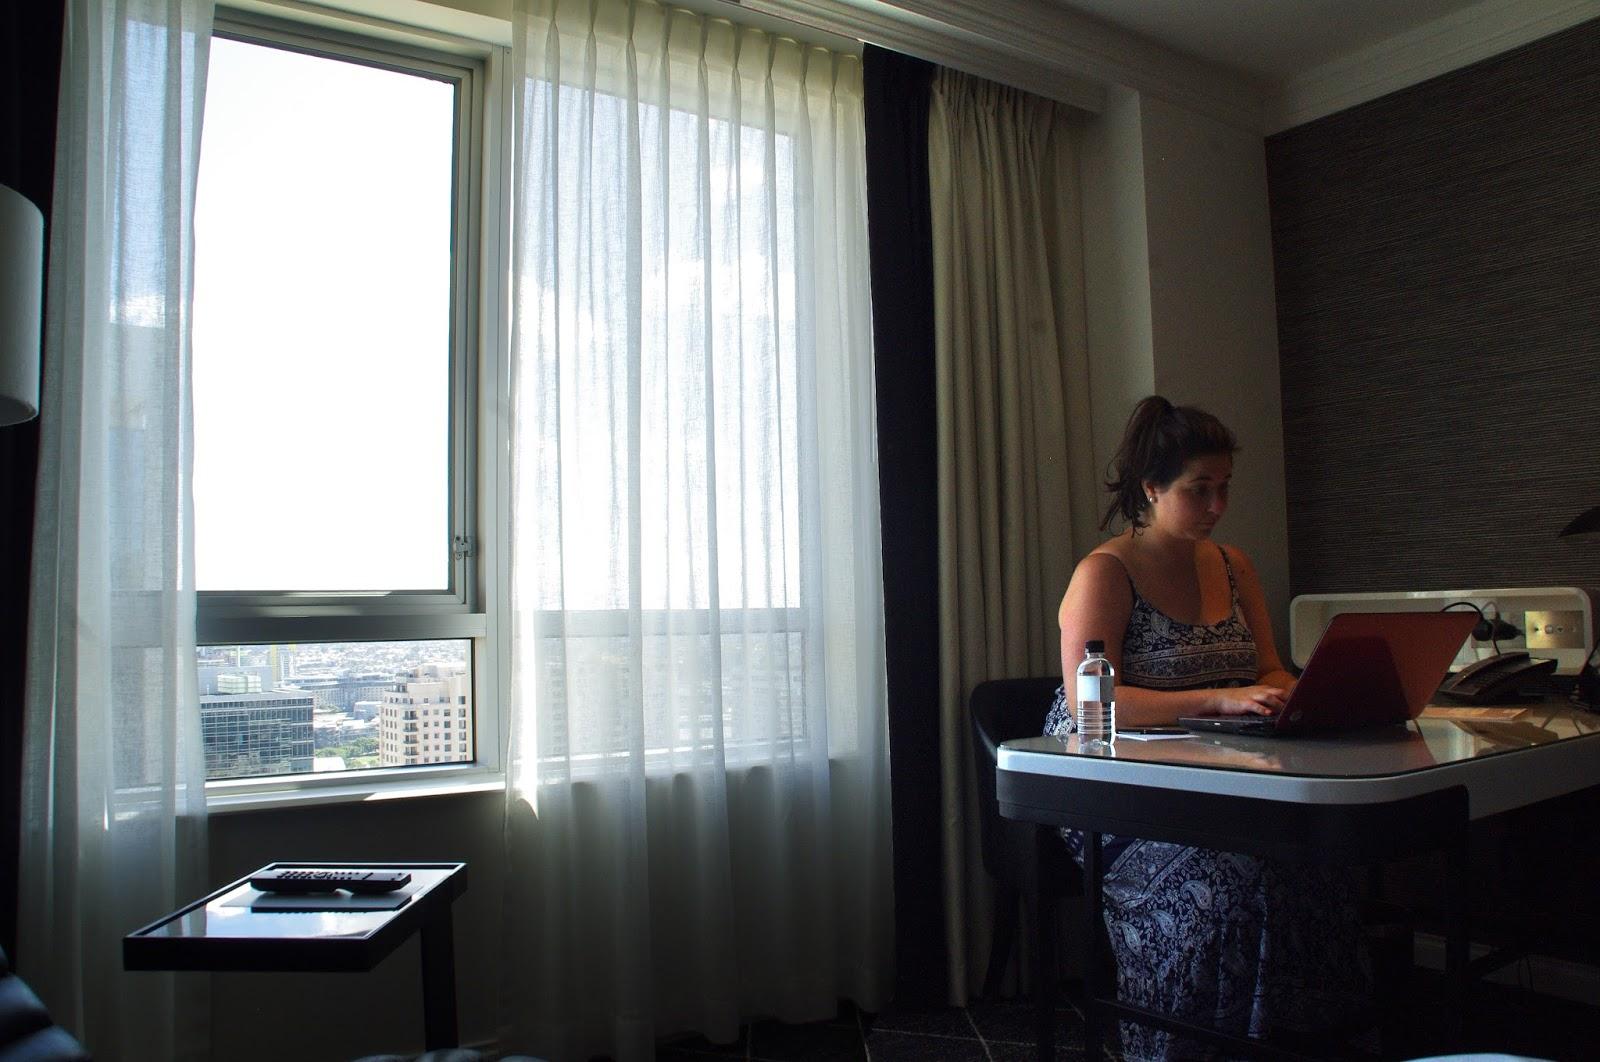 Aussie Flashpacker working away at the Swissotel in Sydney